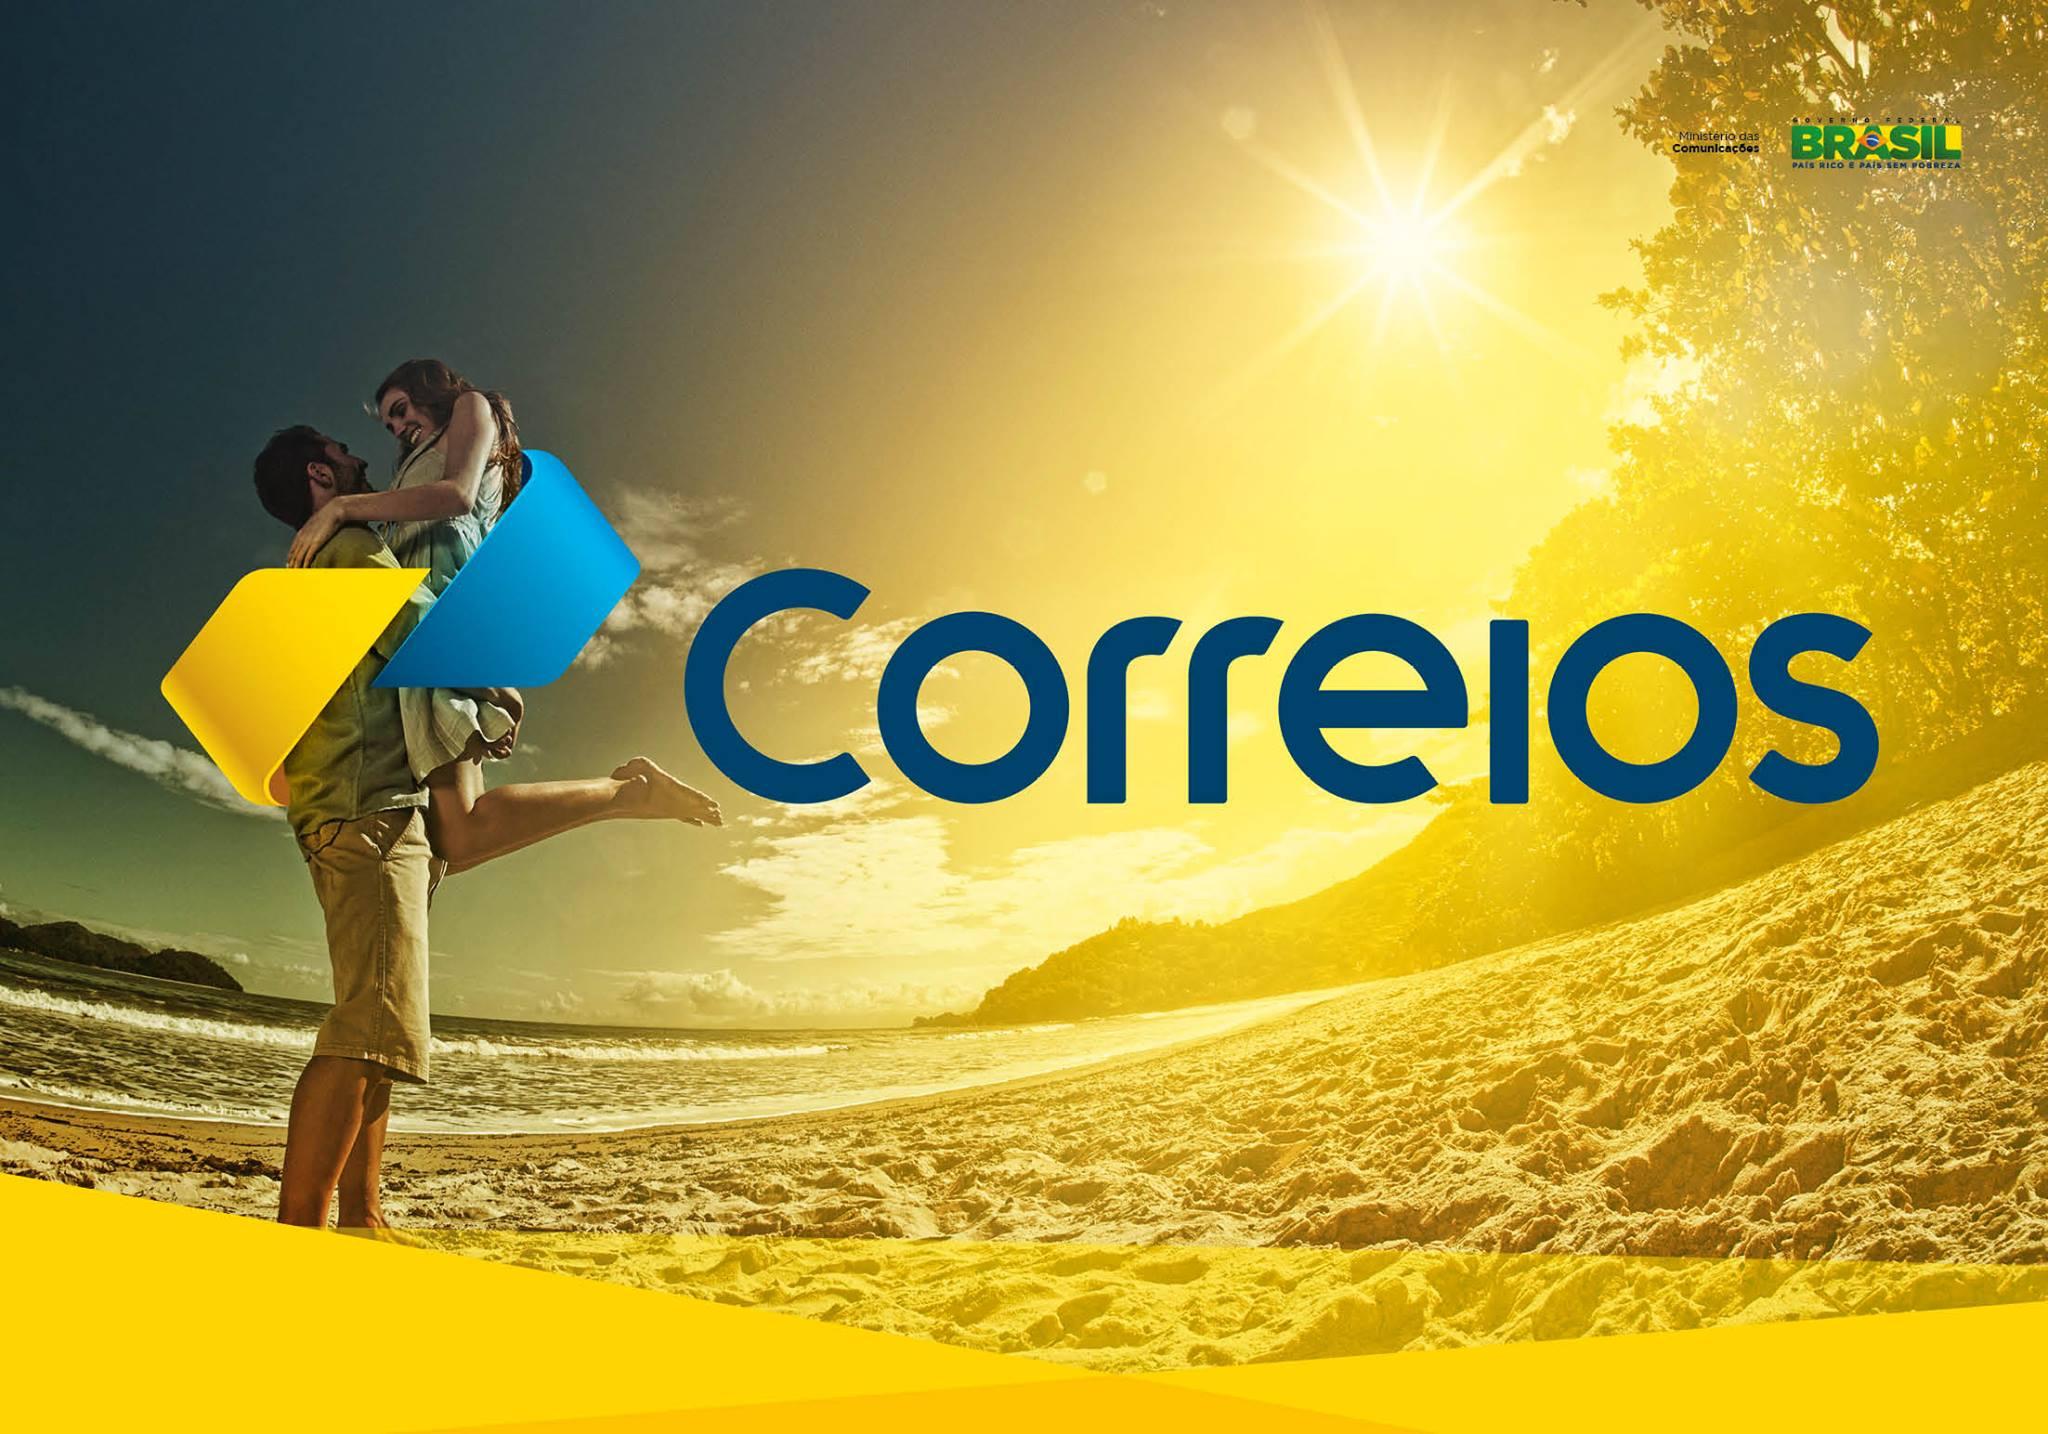 correios5